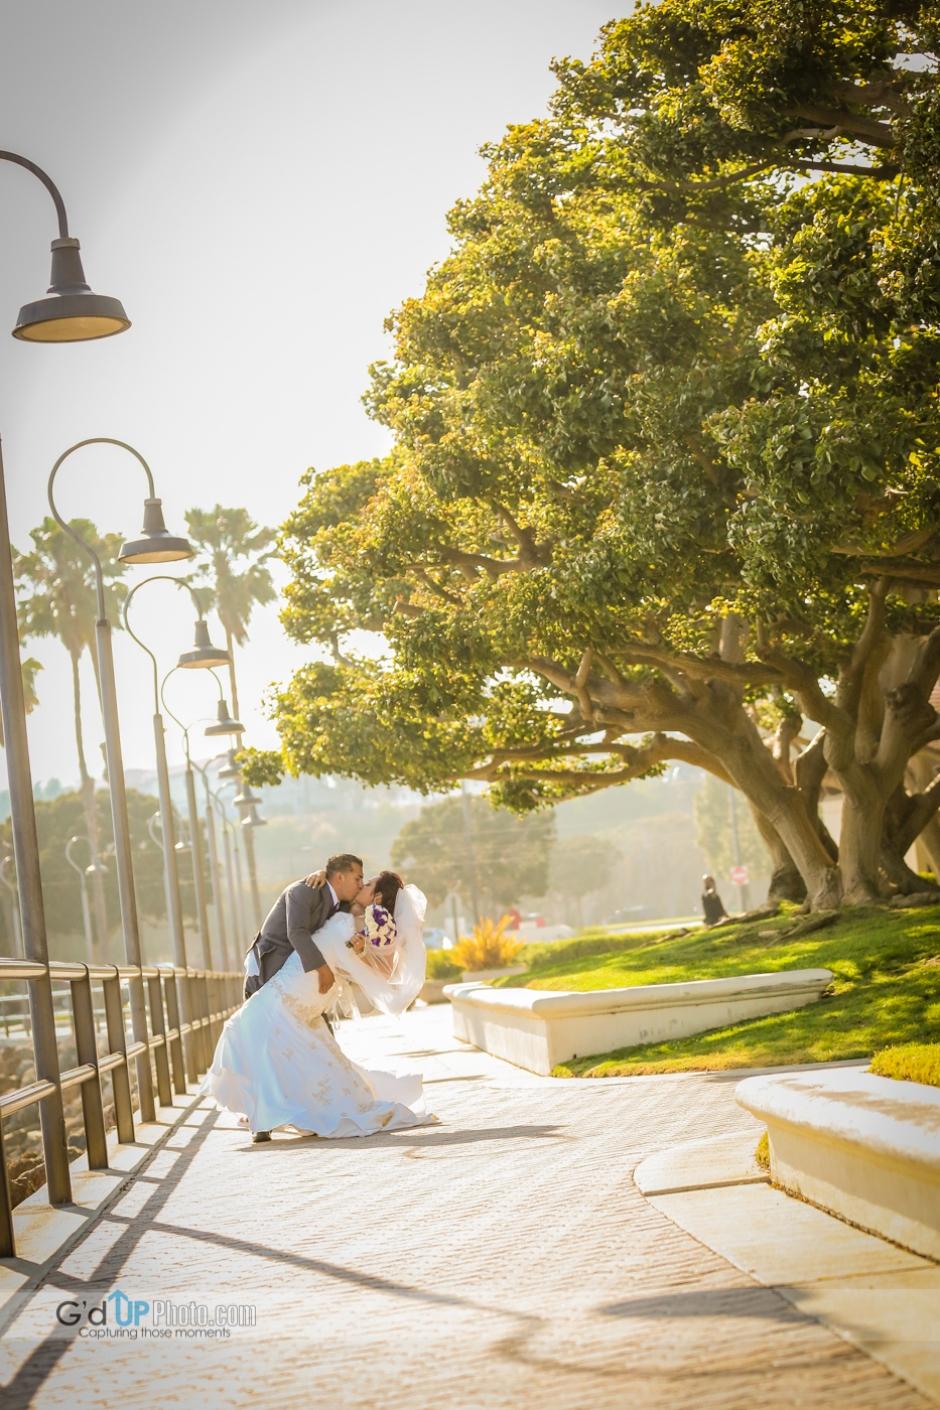 Natalie + Ralph Wedding at The Plaza at Cabrillo Marina